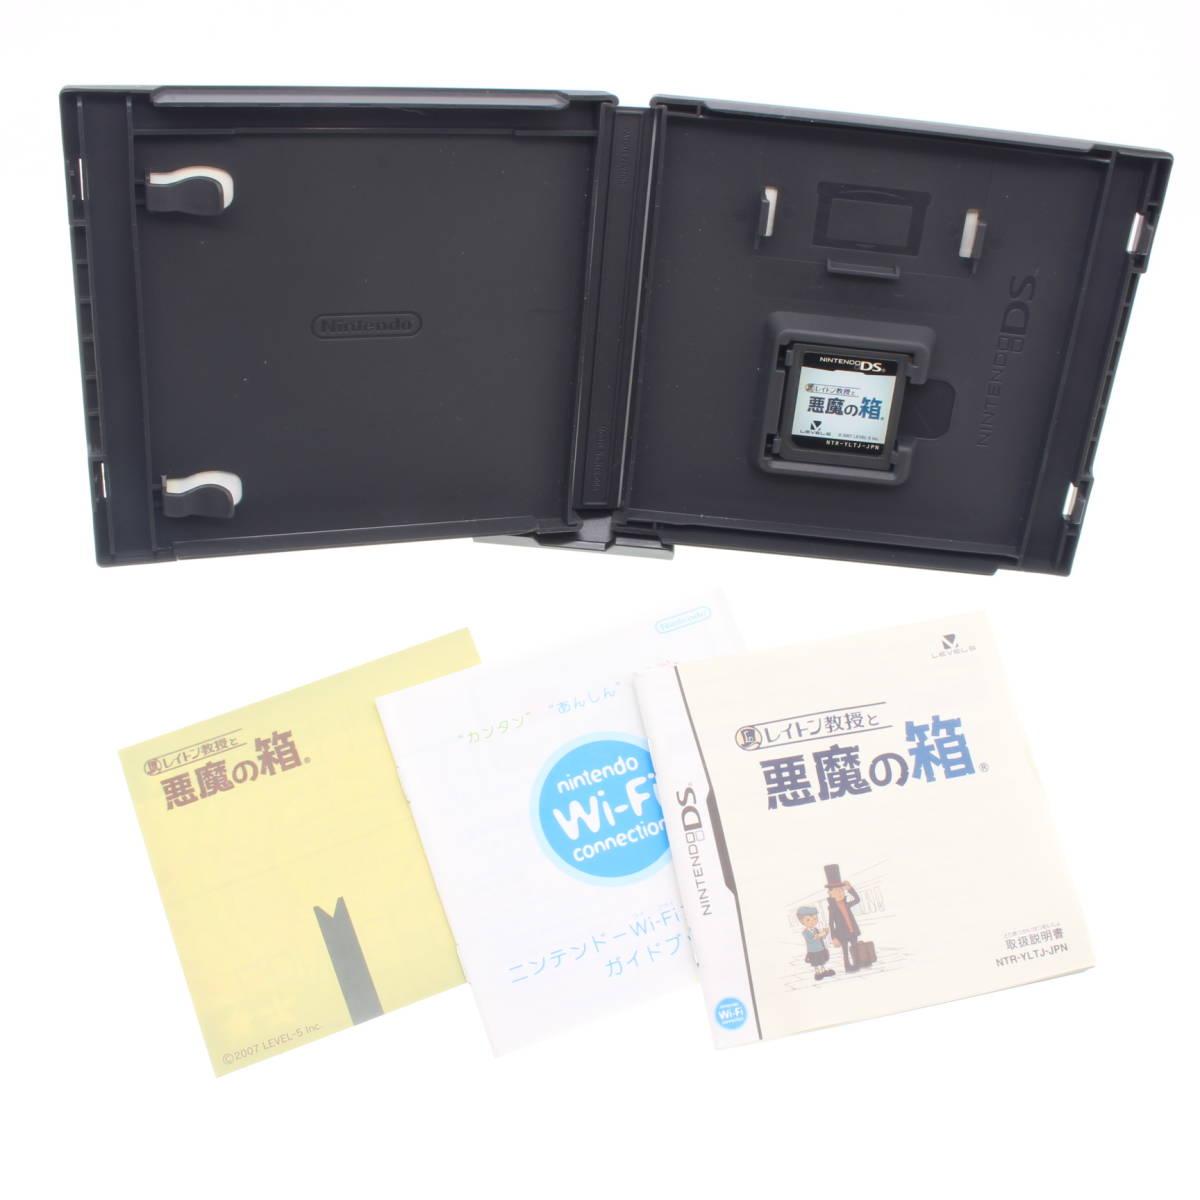 【送料無料】ニンテンドーDS レイトン教授と悪魔の箱 ケース 説明書あり 動作確認済 Nintendo DSソフト 中古ソフト NINTENDO DS 任天堂